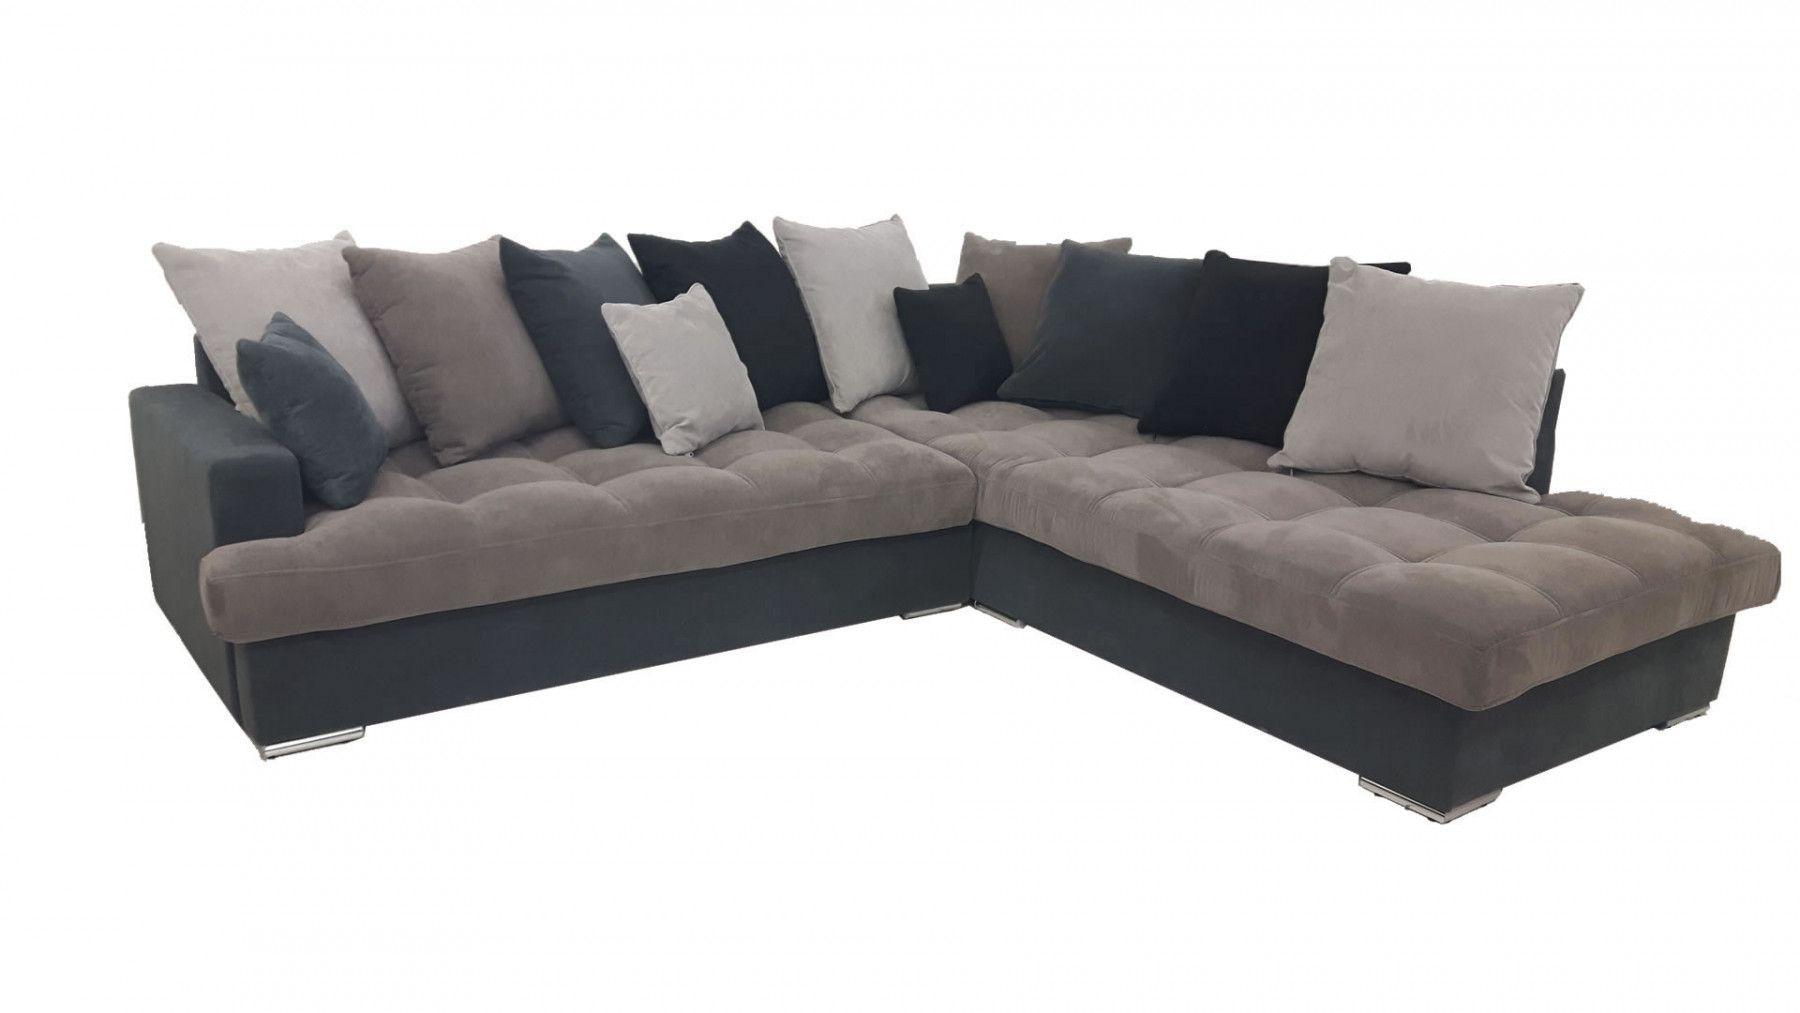 Canap d 39 angle droit linda gris et noir canap s sofas for Transport canape